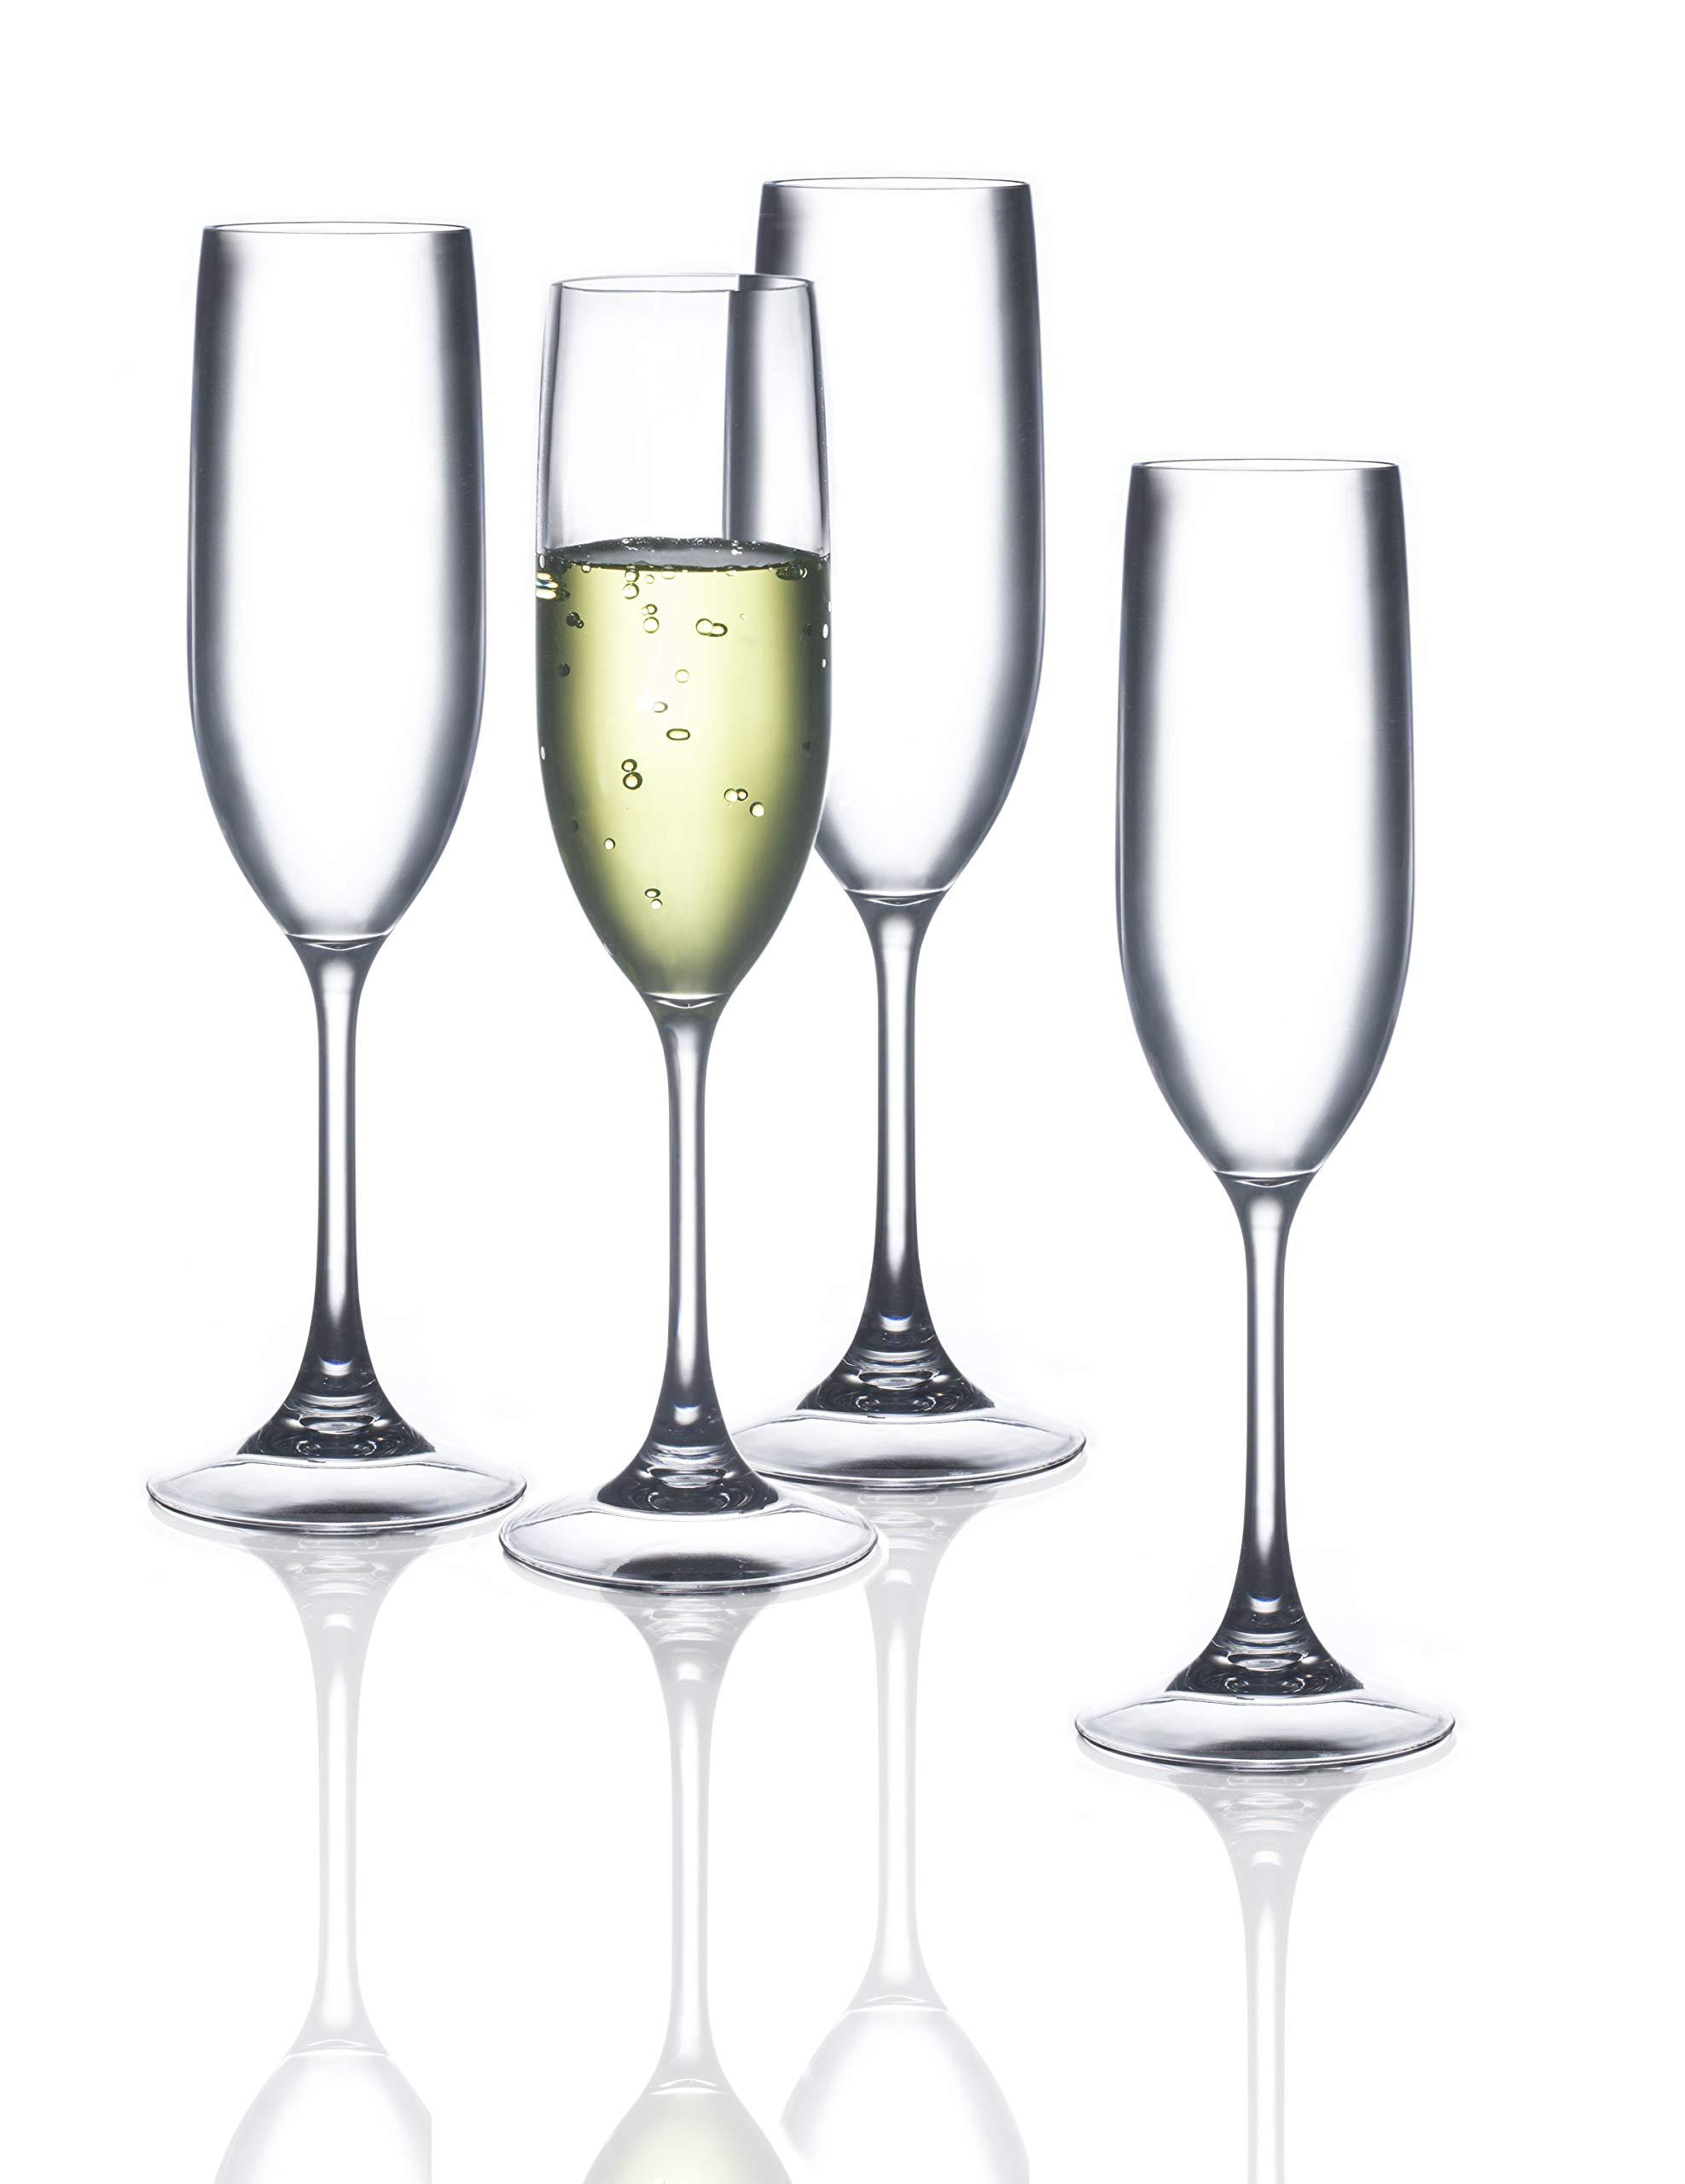 FDCuvée Drama Free Unbreakable Stemmed Champagne Flute 100% Tritan   Dishwasher Safe - 5 oz   Set of 4